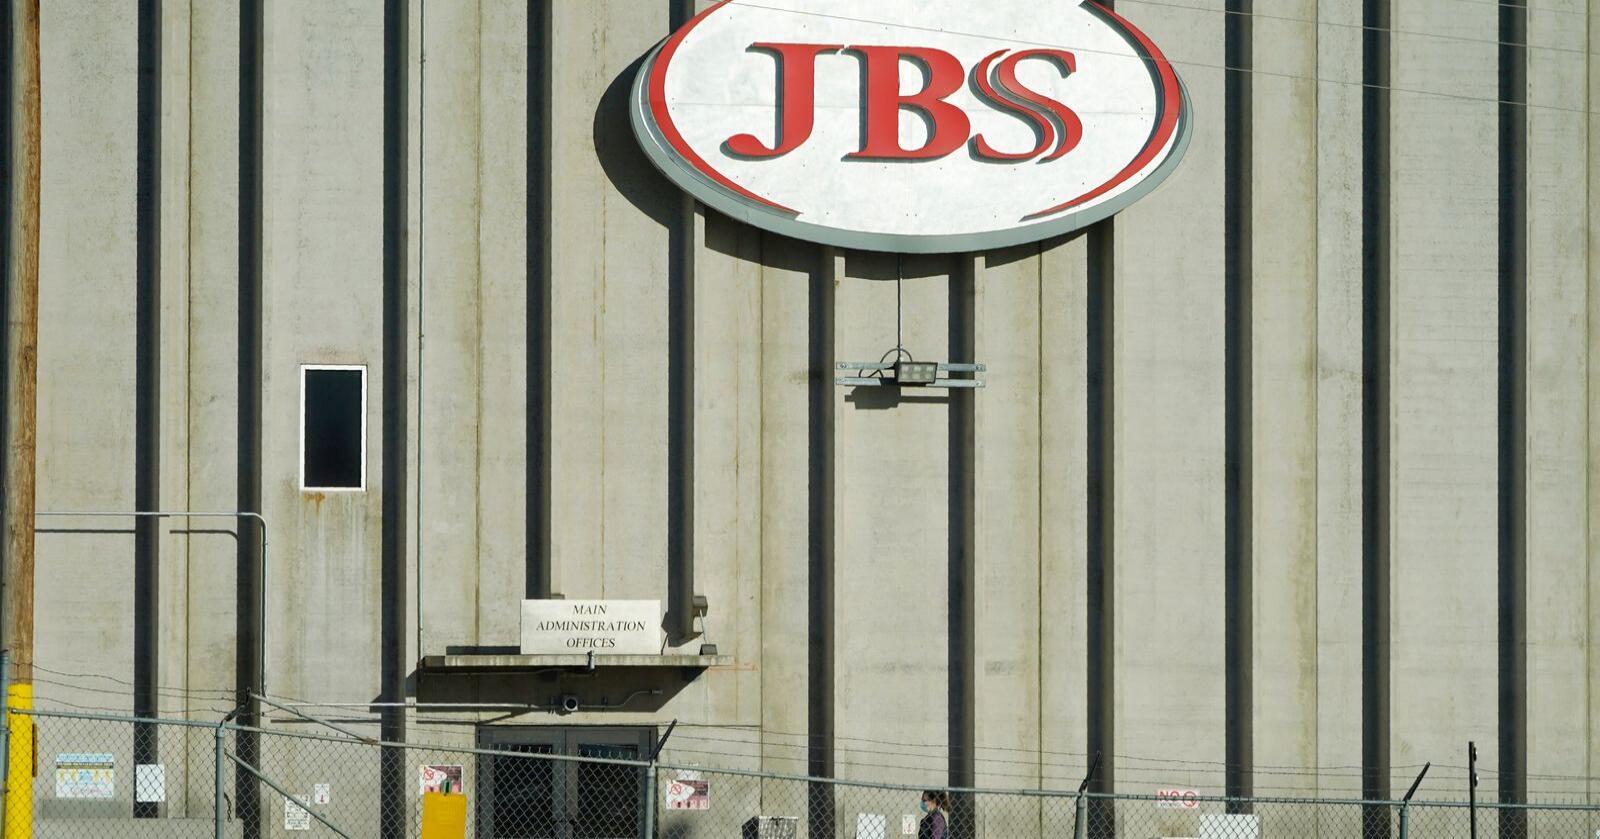 En ansatt på vei inn i JBS' fabrikk i Greeley i Colorado i USA. Det brasilianske kjøttforedlingsselskapet endte opp med å betale 11 millioner dollar, tilsvarende drøyt 92 millioner kroner, til gruppa som sto bak et dataangrep. Foto: David Zalubowski / AP / NTB